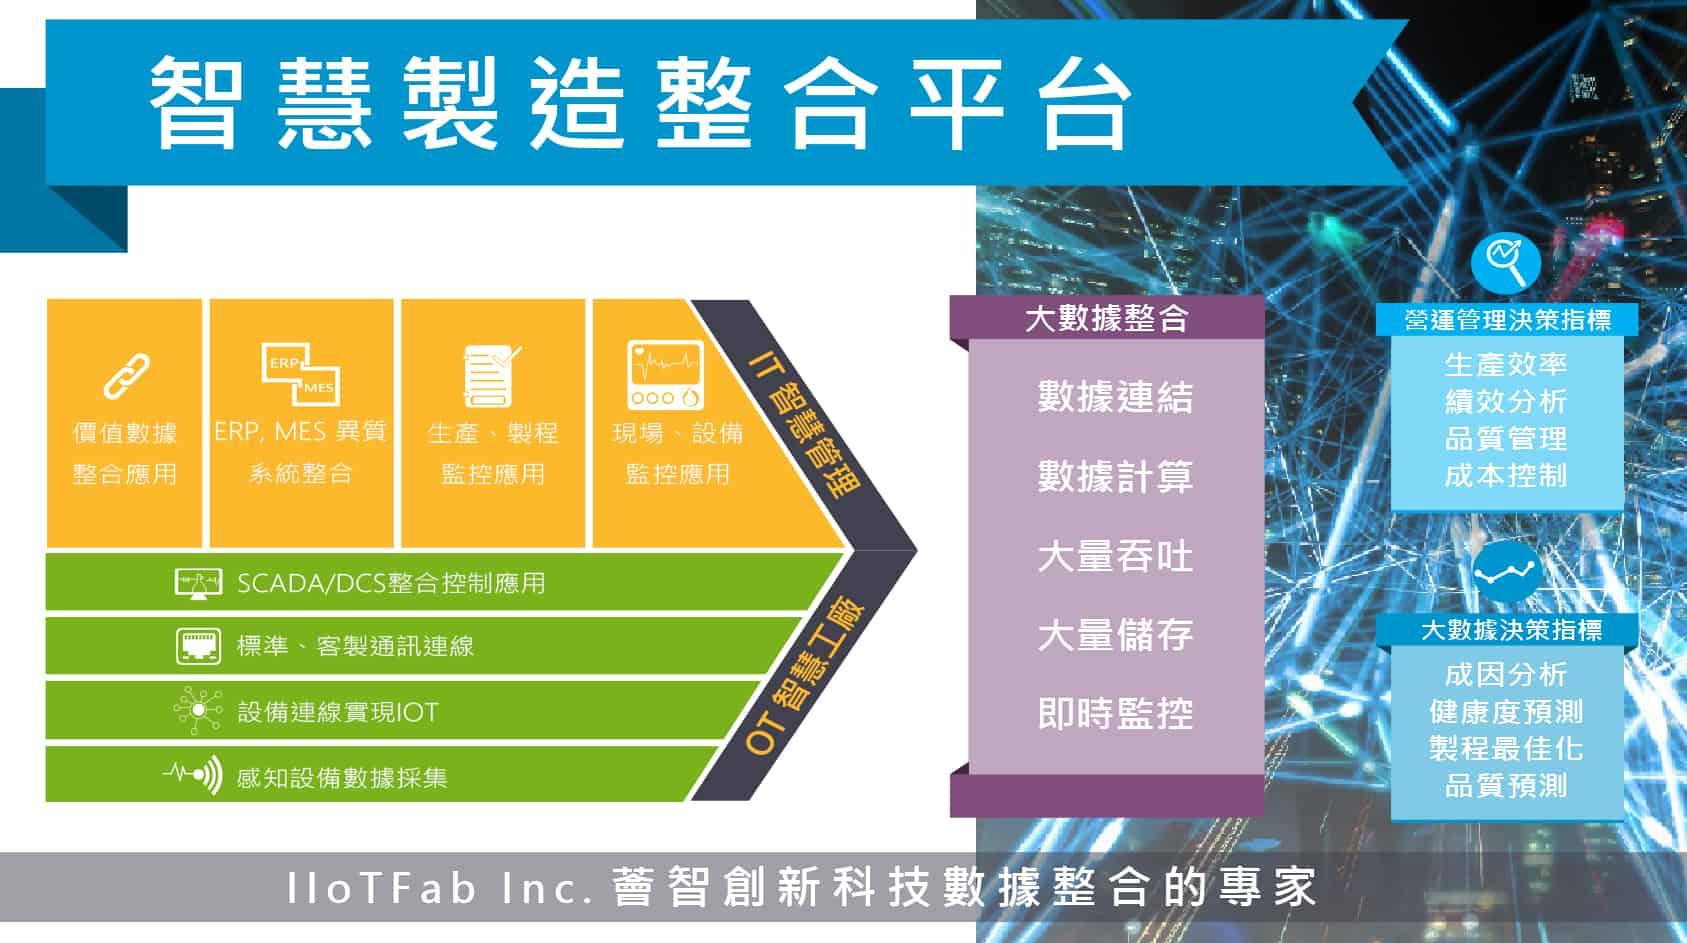 IIoTFab-解決方案示意圖